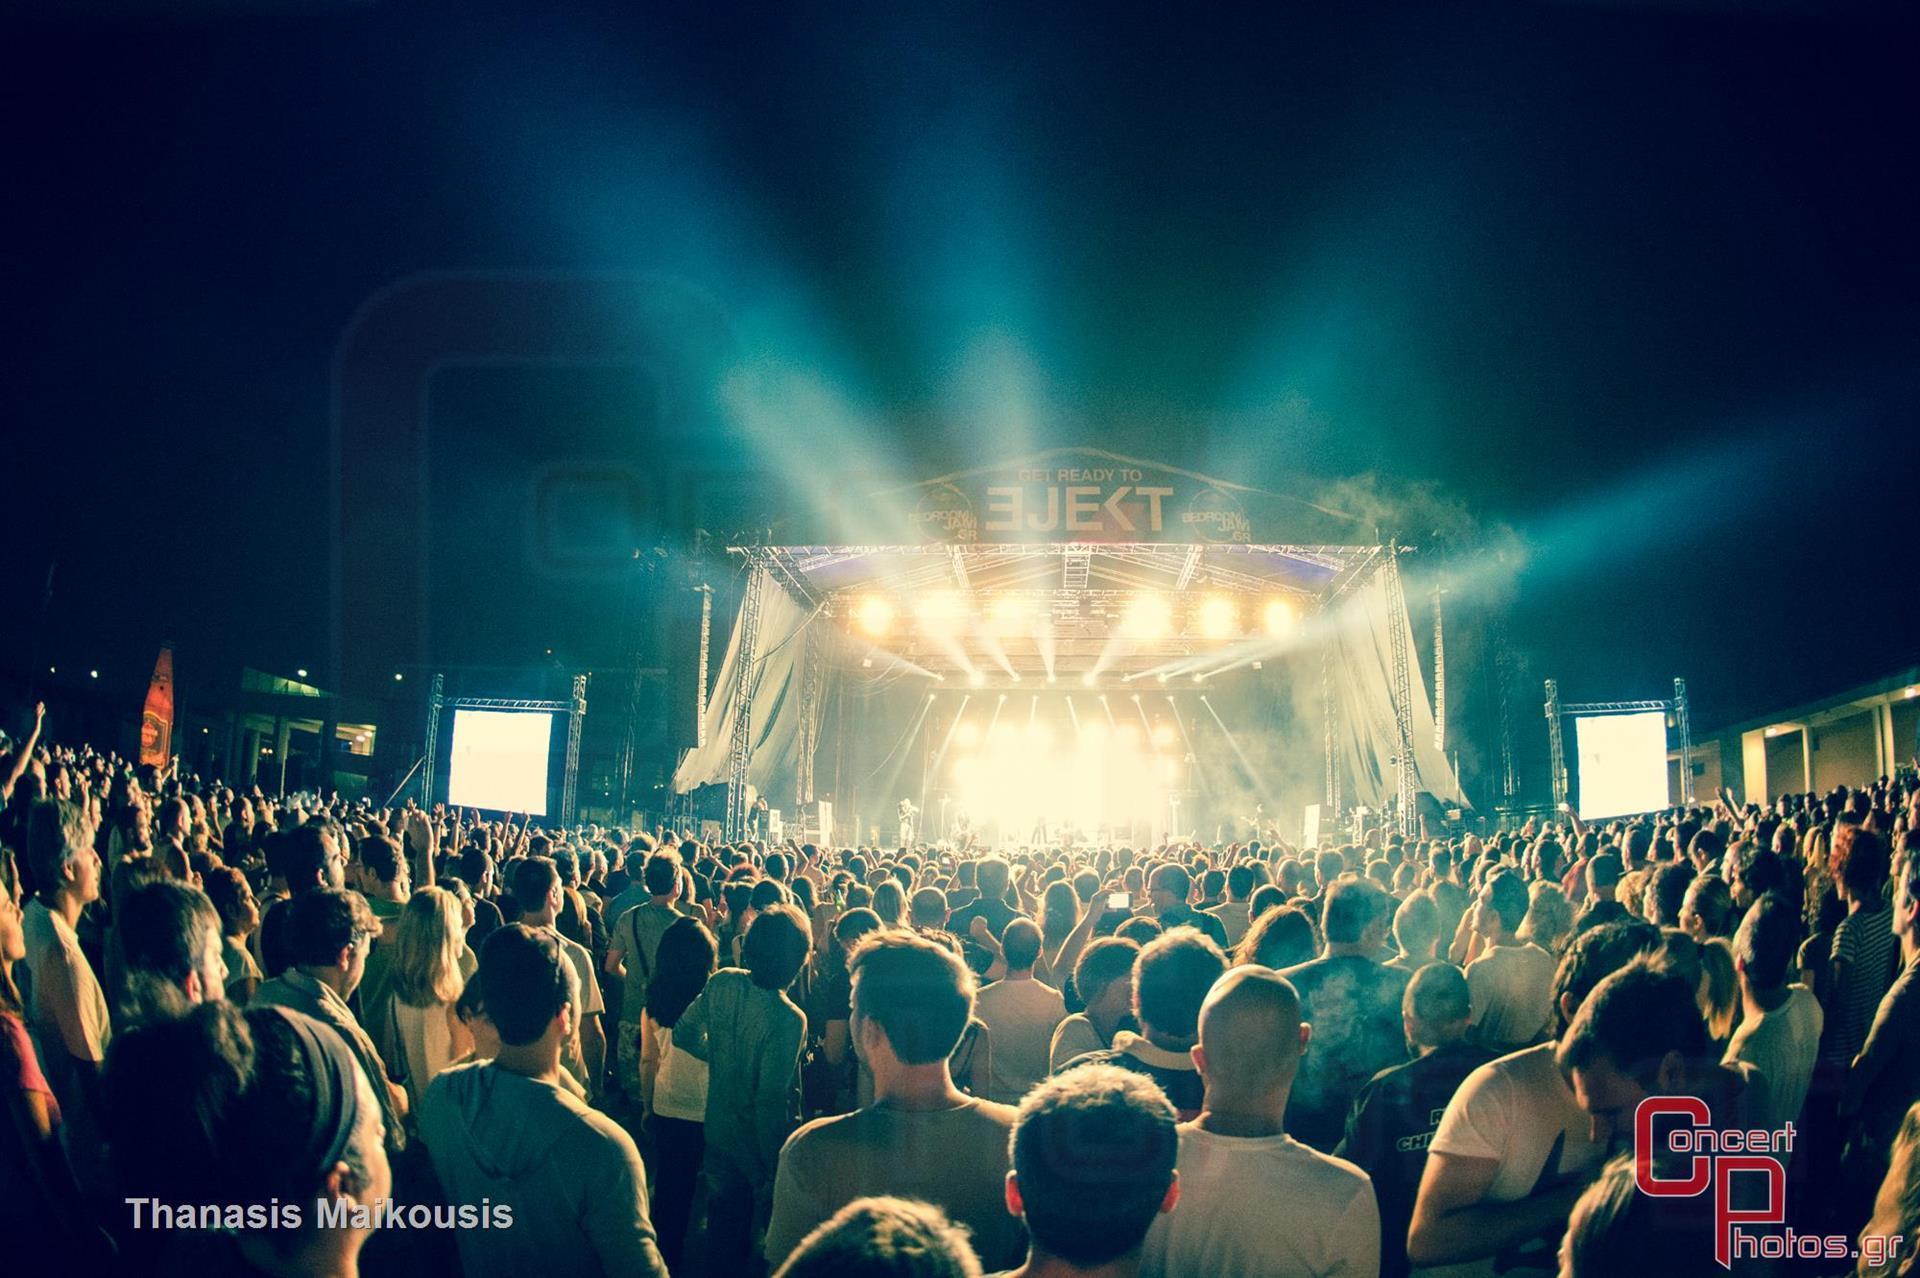 Peter Hook & The Light - photographer: Thanasis Maikousis - concertphotos_-9477